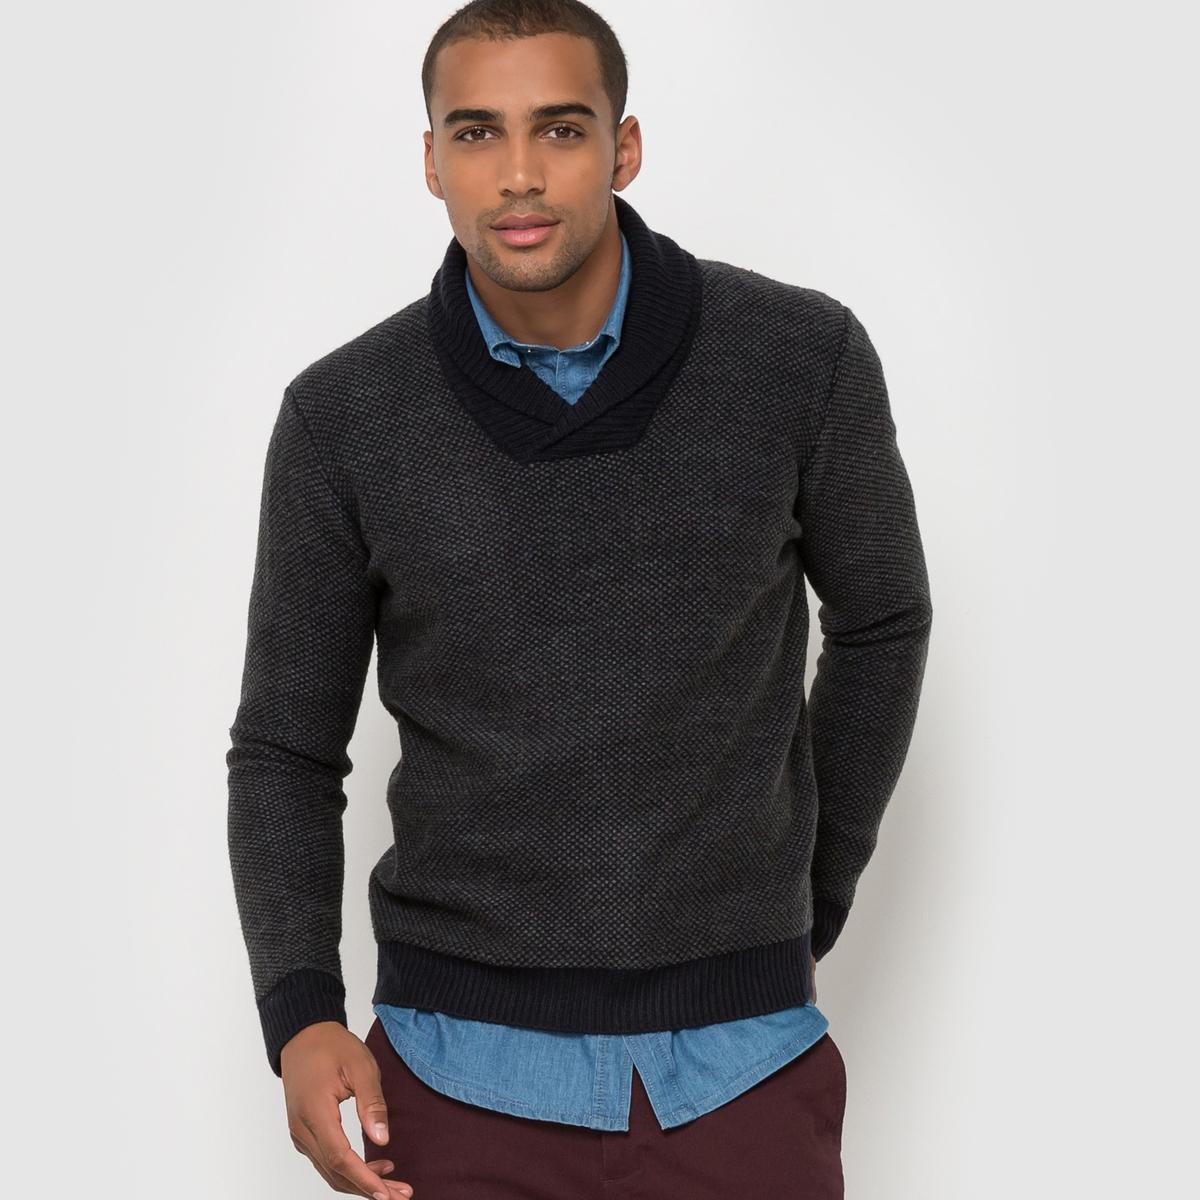 Пуловер с шалевым воротникомСостав и описаниеМатериал : 100% акрилаМарка : R EditionУходСм. рекомендации по уходу, указанные на этикетке изделия<br><br>Цвет: темно-синий меланж